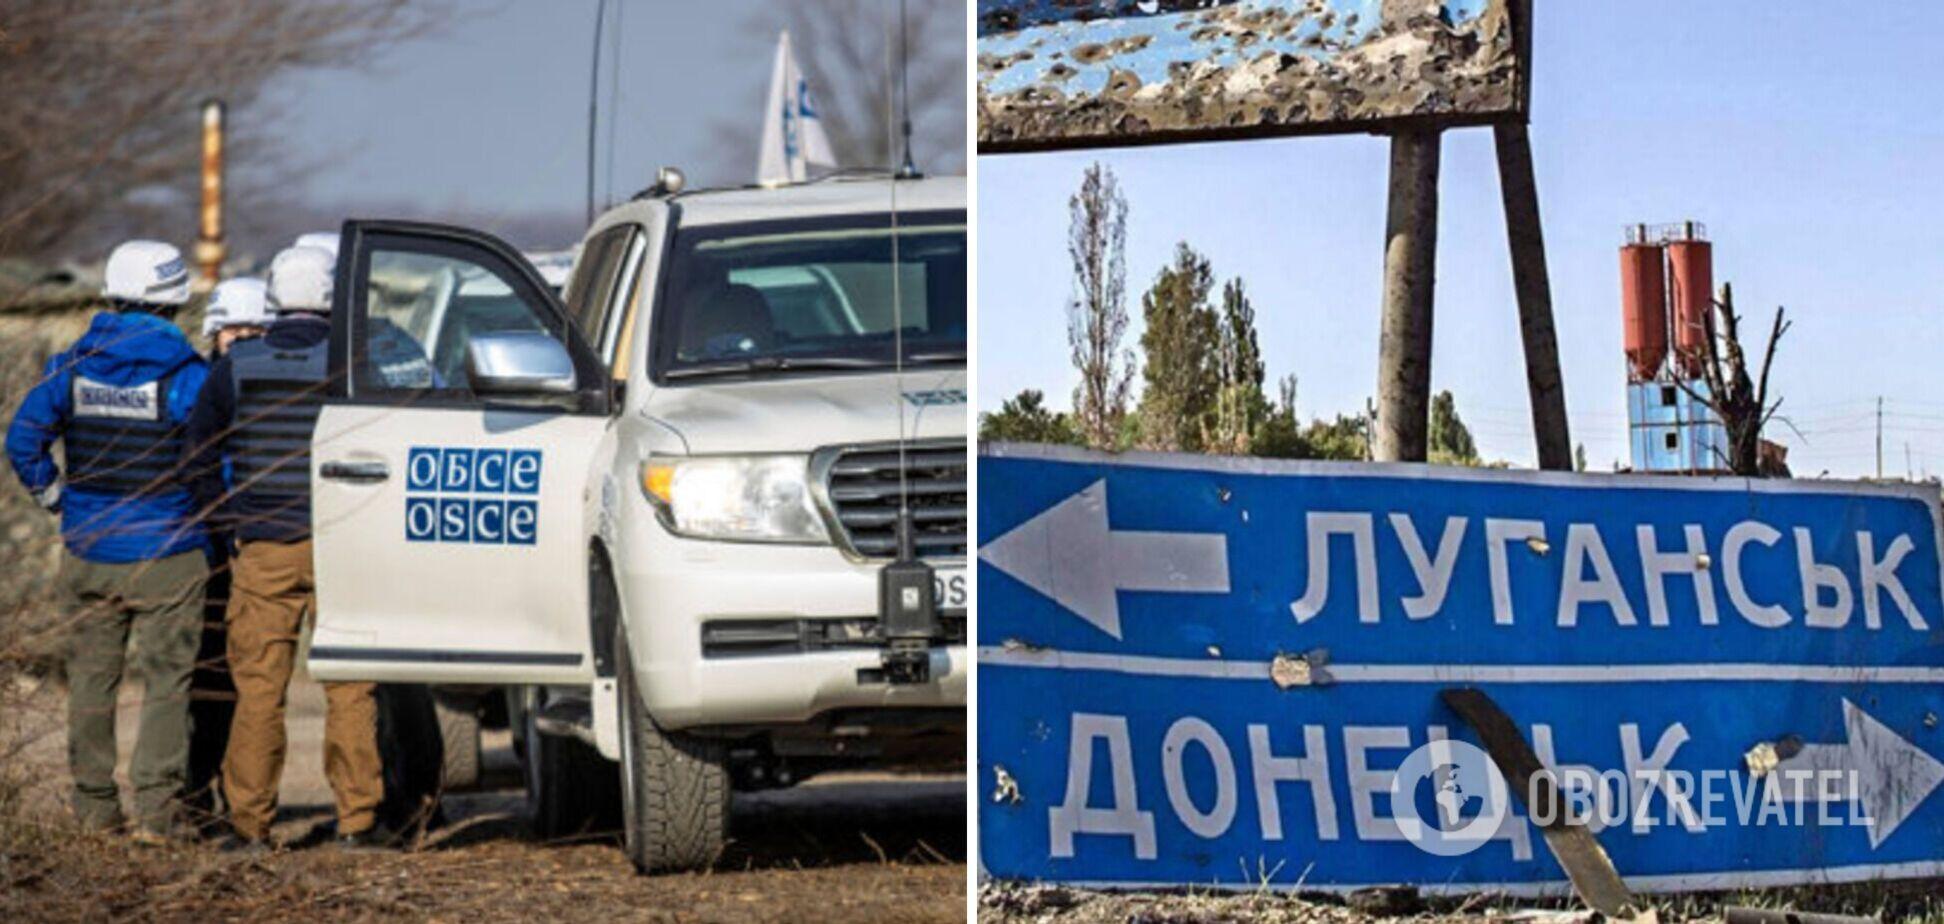 Росія взяла в заручники місію ОБСЄ на Донбасі, щоб обміняти на полоненого ЗСУ Косяка – Бутусов